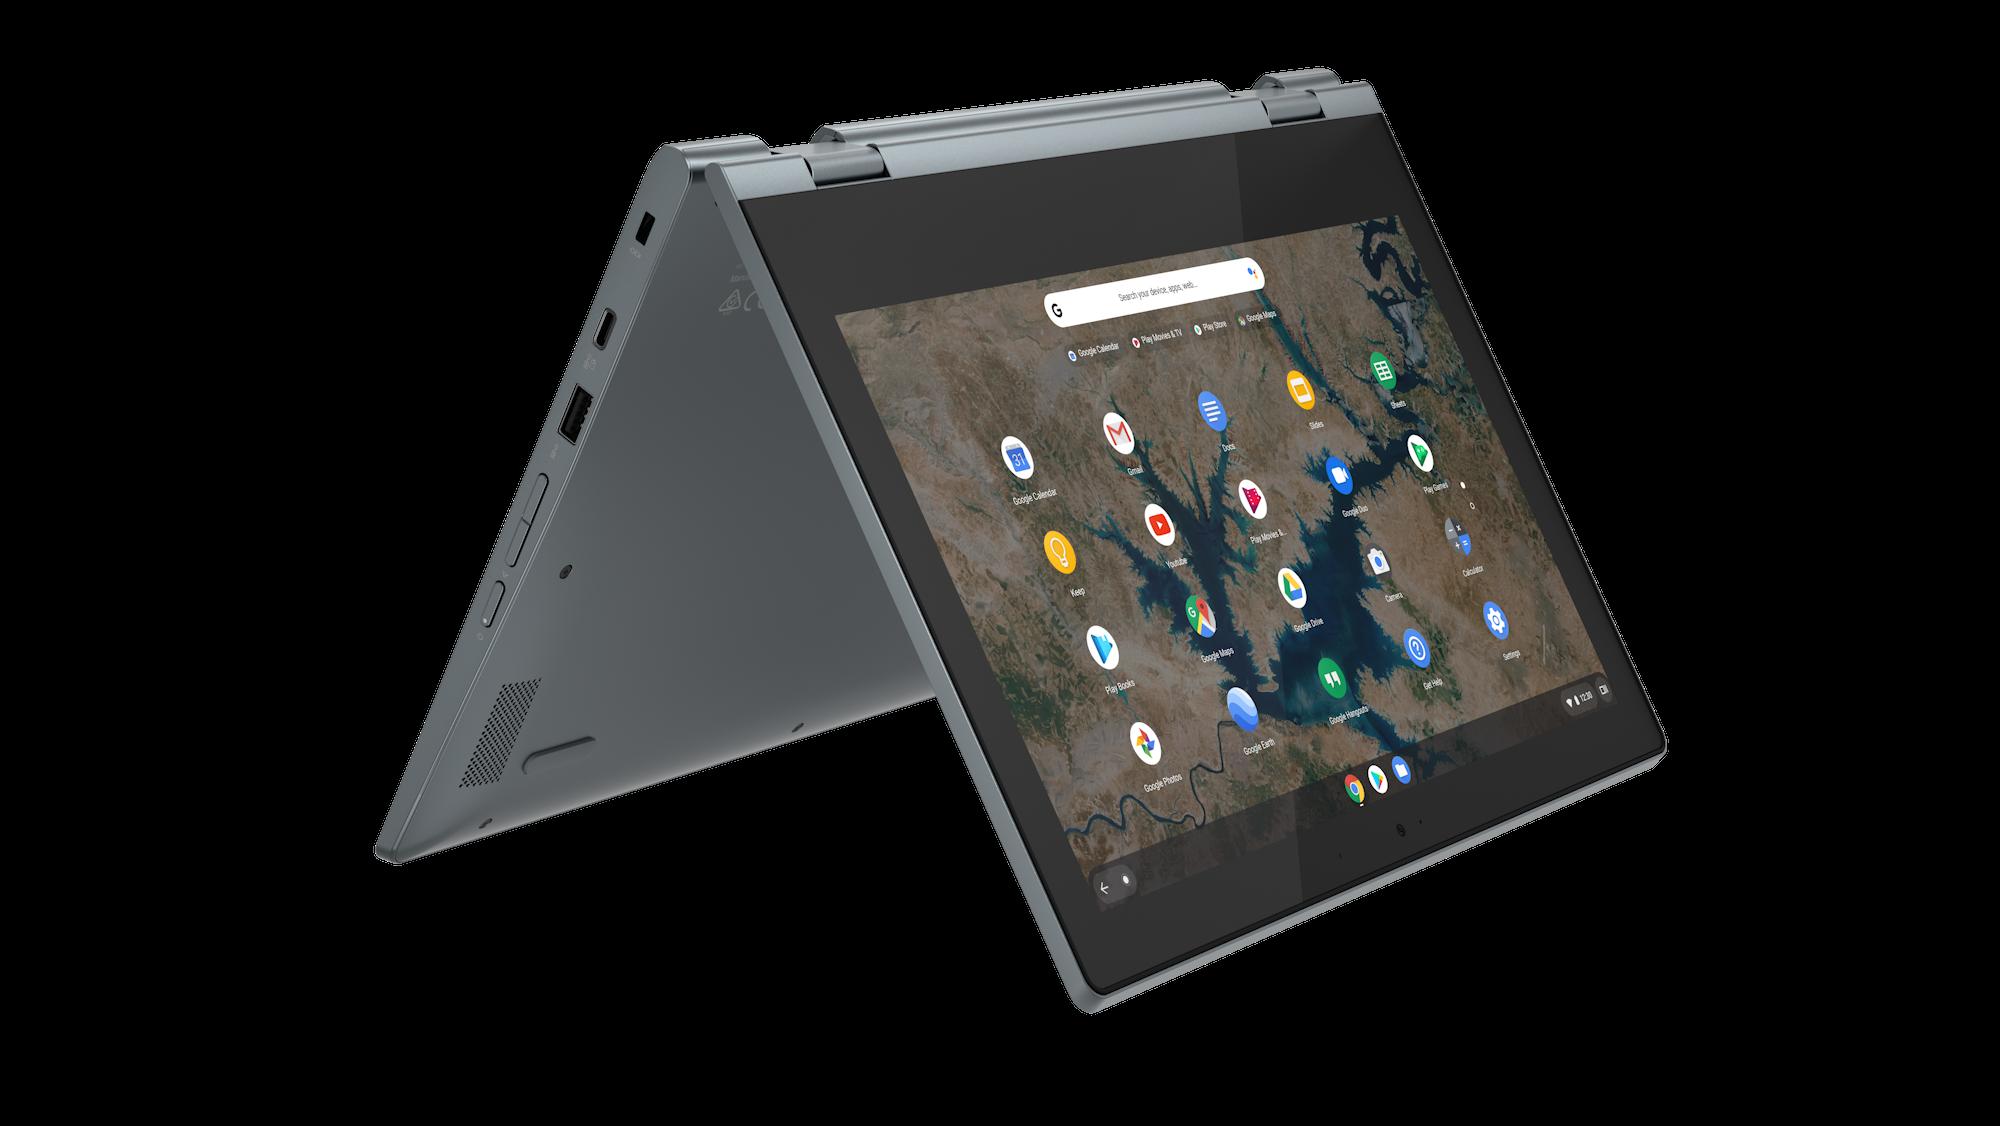 Lenovo Ideapad Flex 3 - photo 6